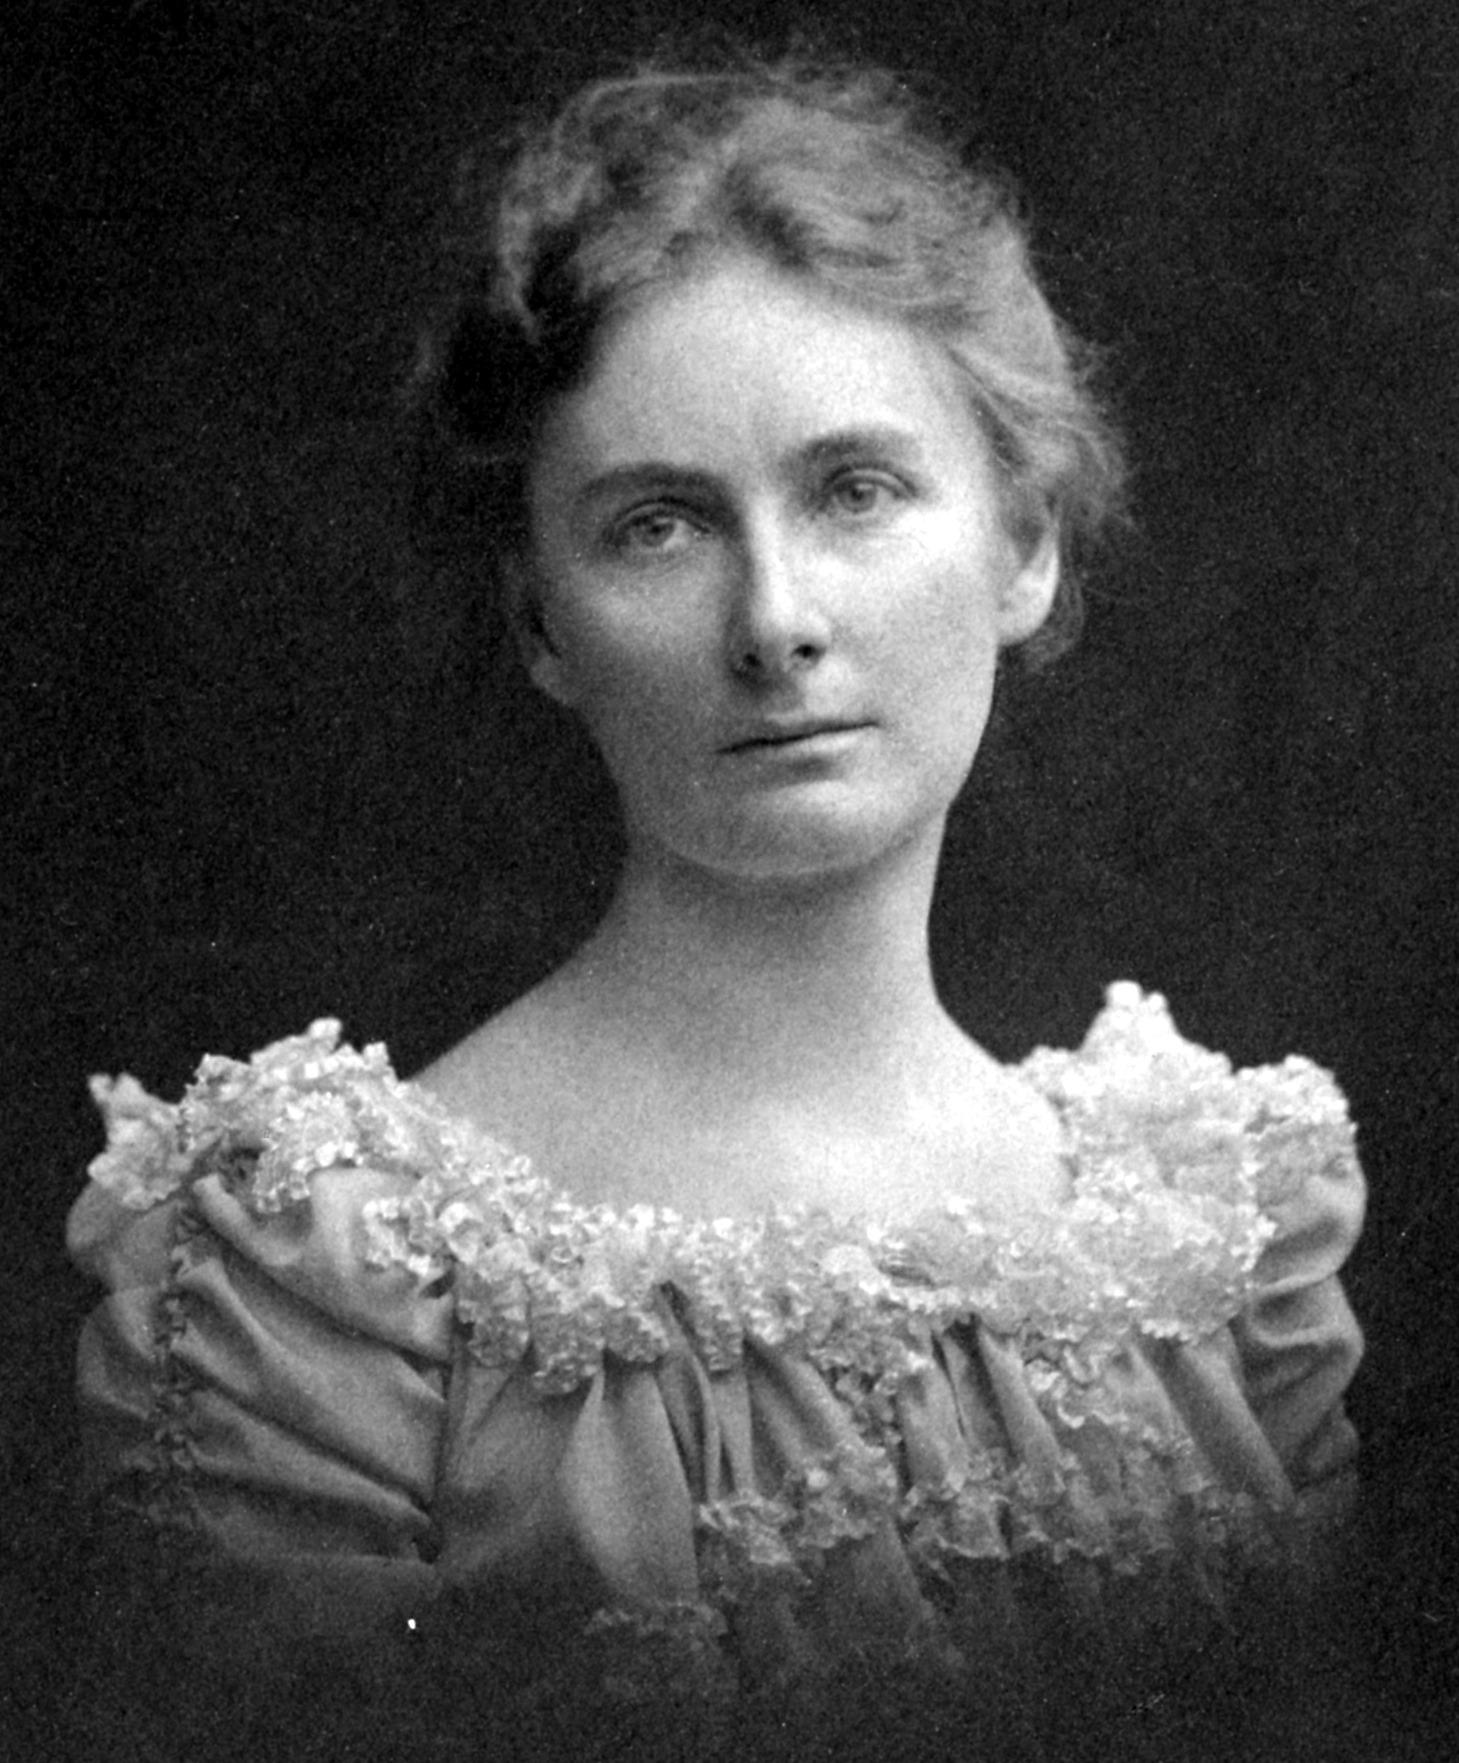 image of Florence Bascom